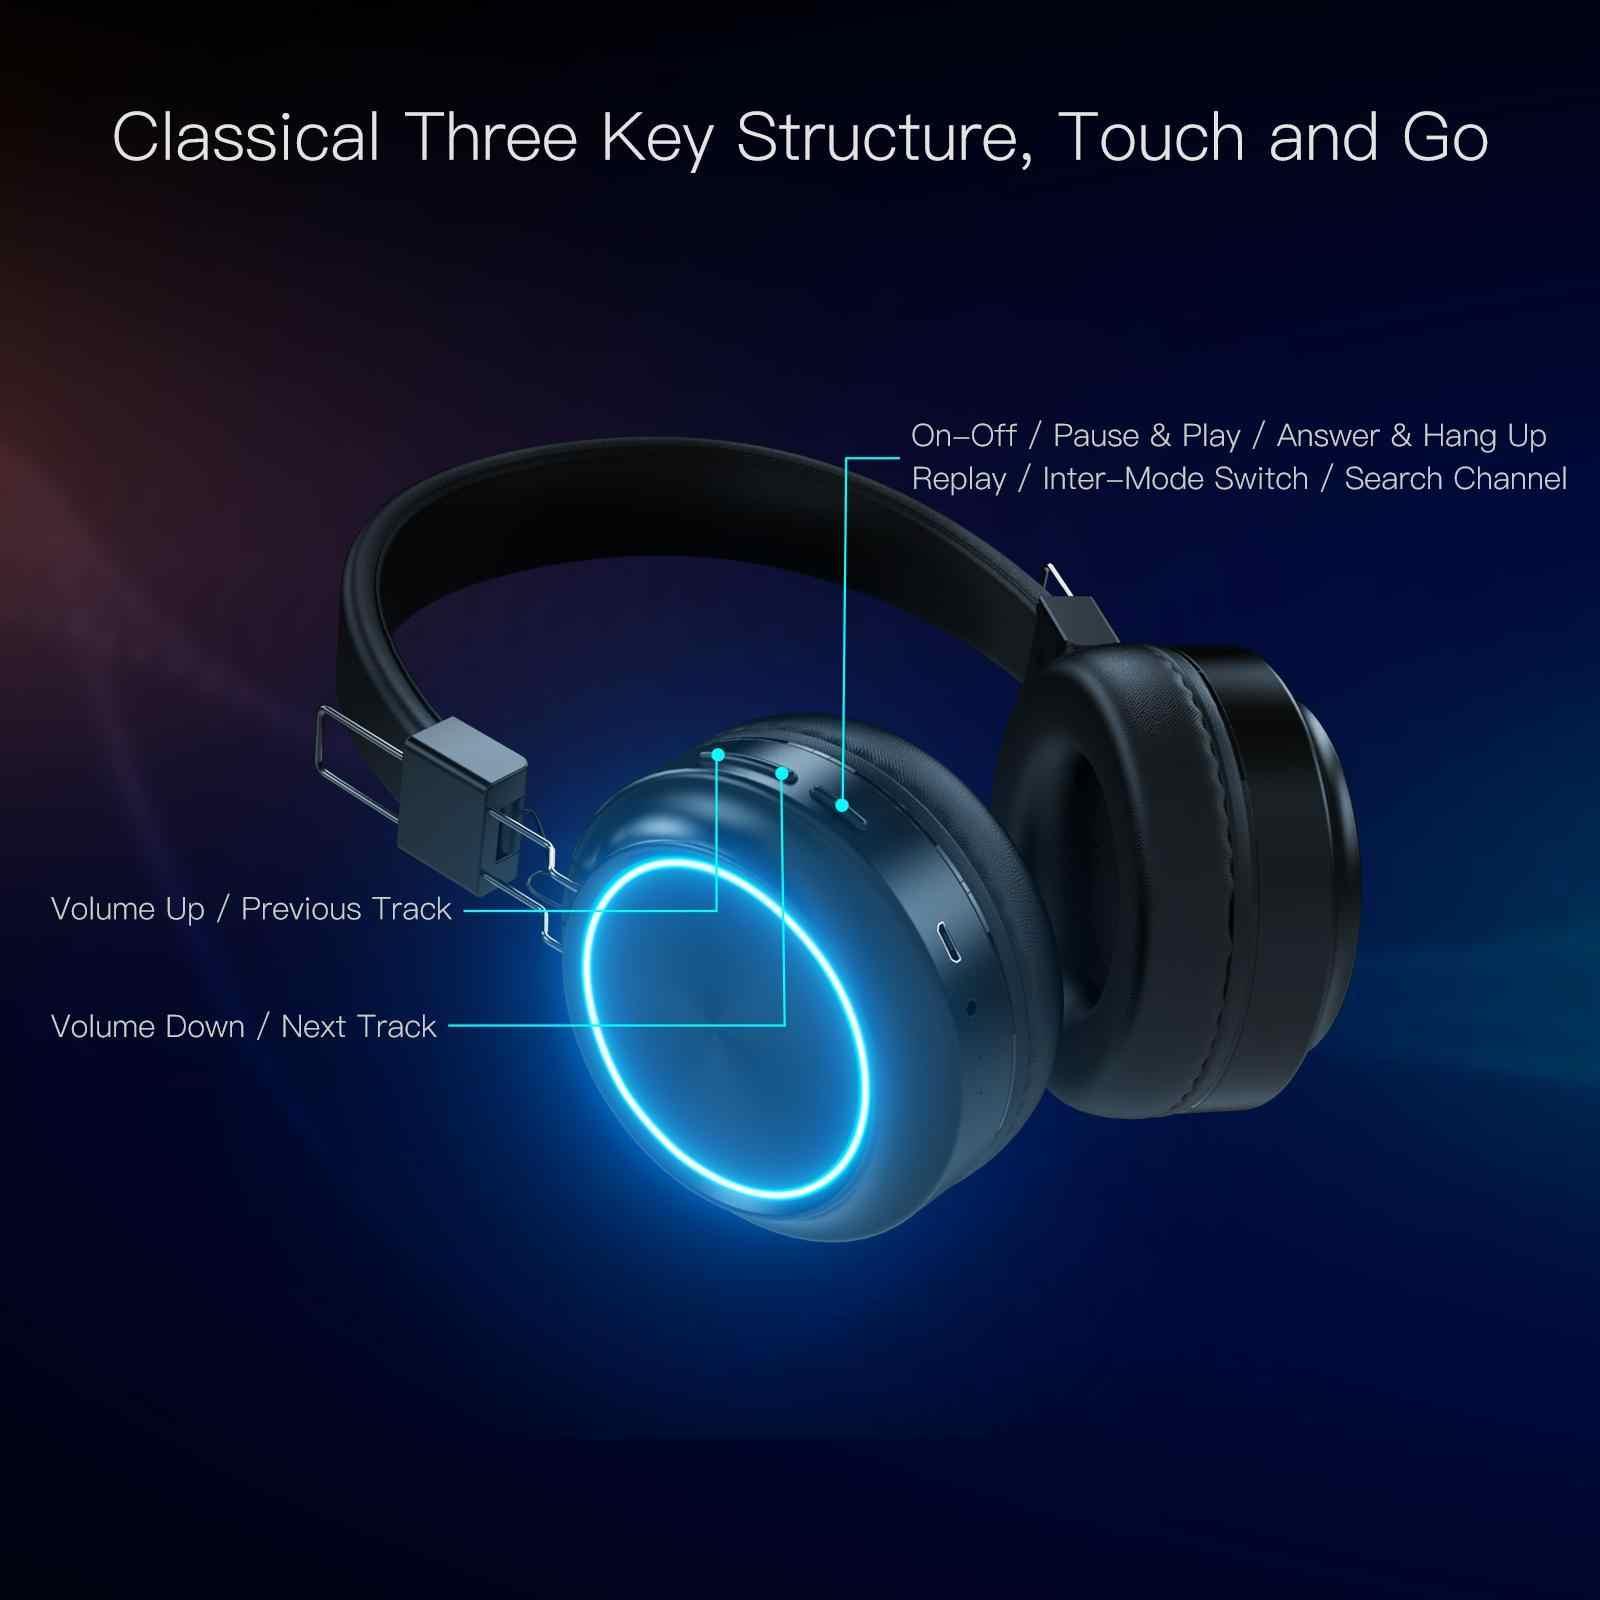 JAKCOM BH3 inteligentny Colorama zestaw słuchawkowy jako słuchawki słuchawki w qs2 ulefone t2 pro i11